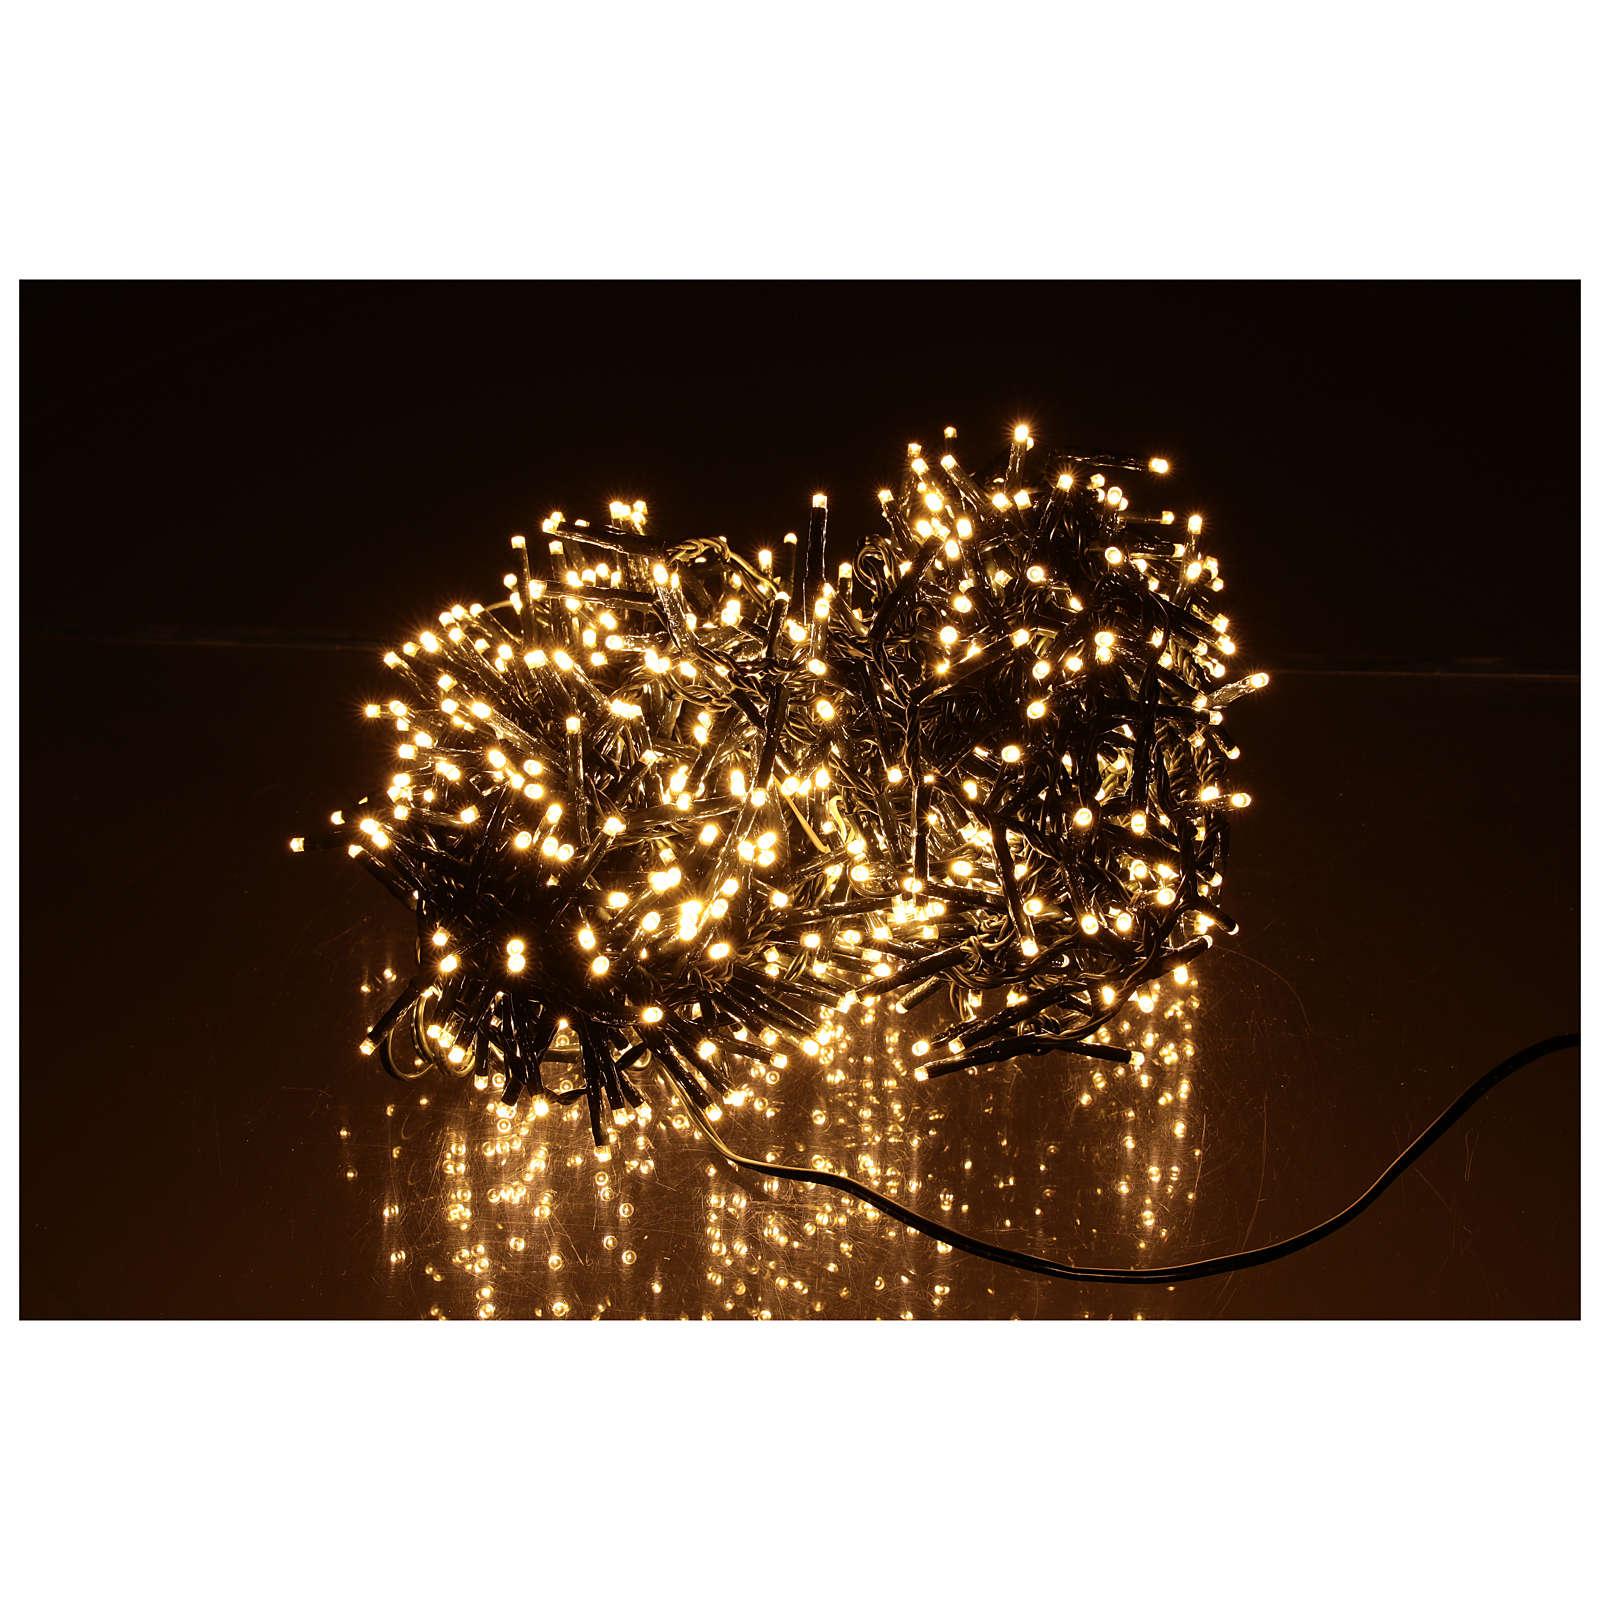 Guirlande lumineuse de Noël verte 750 LED blanc chaud pour extérieur 3